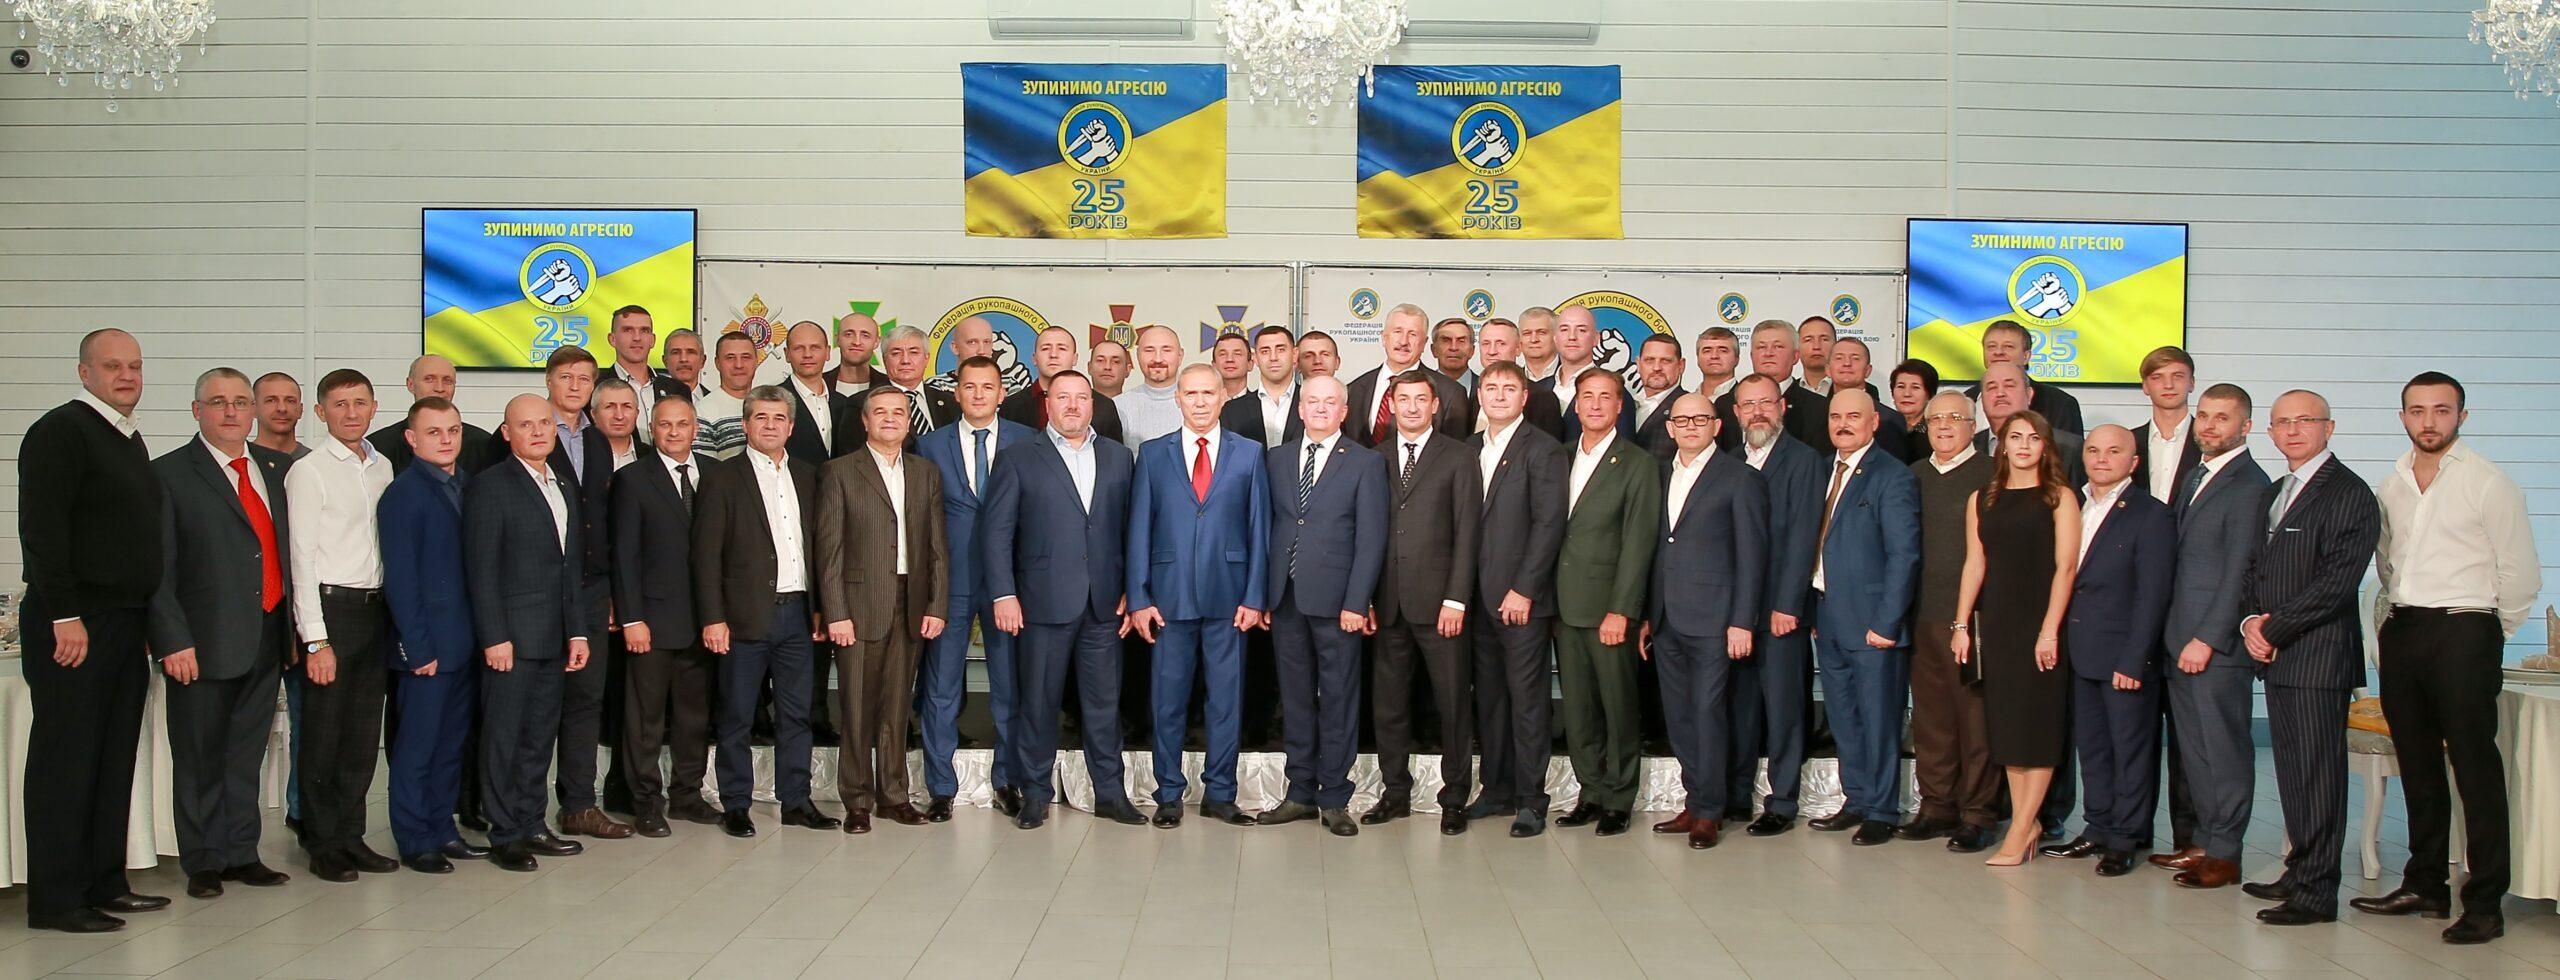 Празднование 25-й годовщины Всеукраинськой федерации рукопашного боя